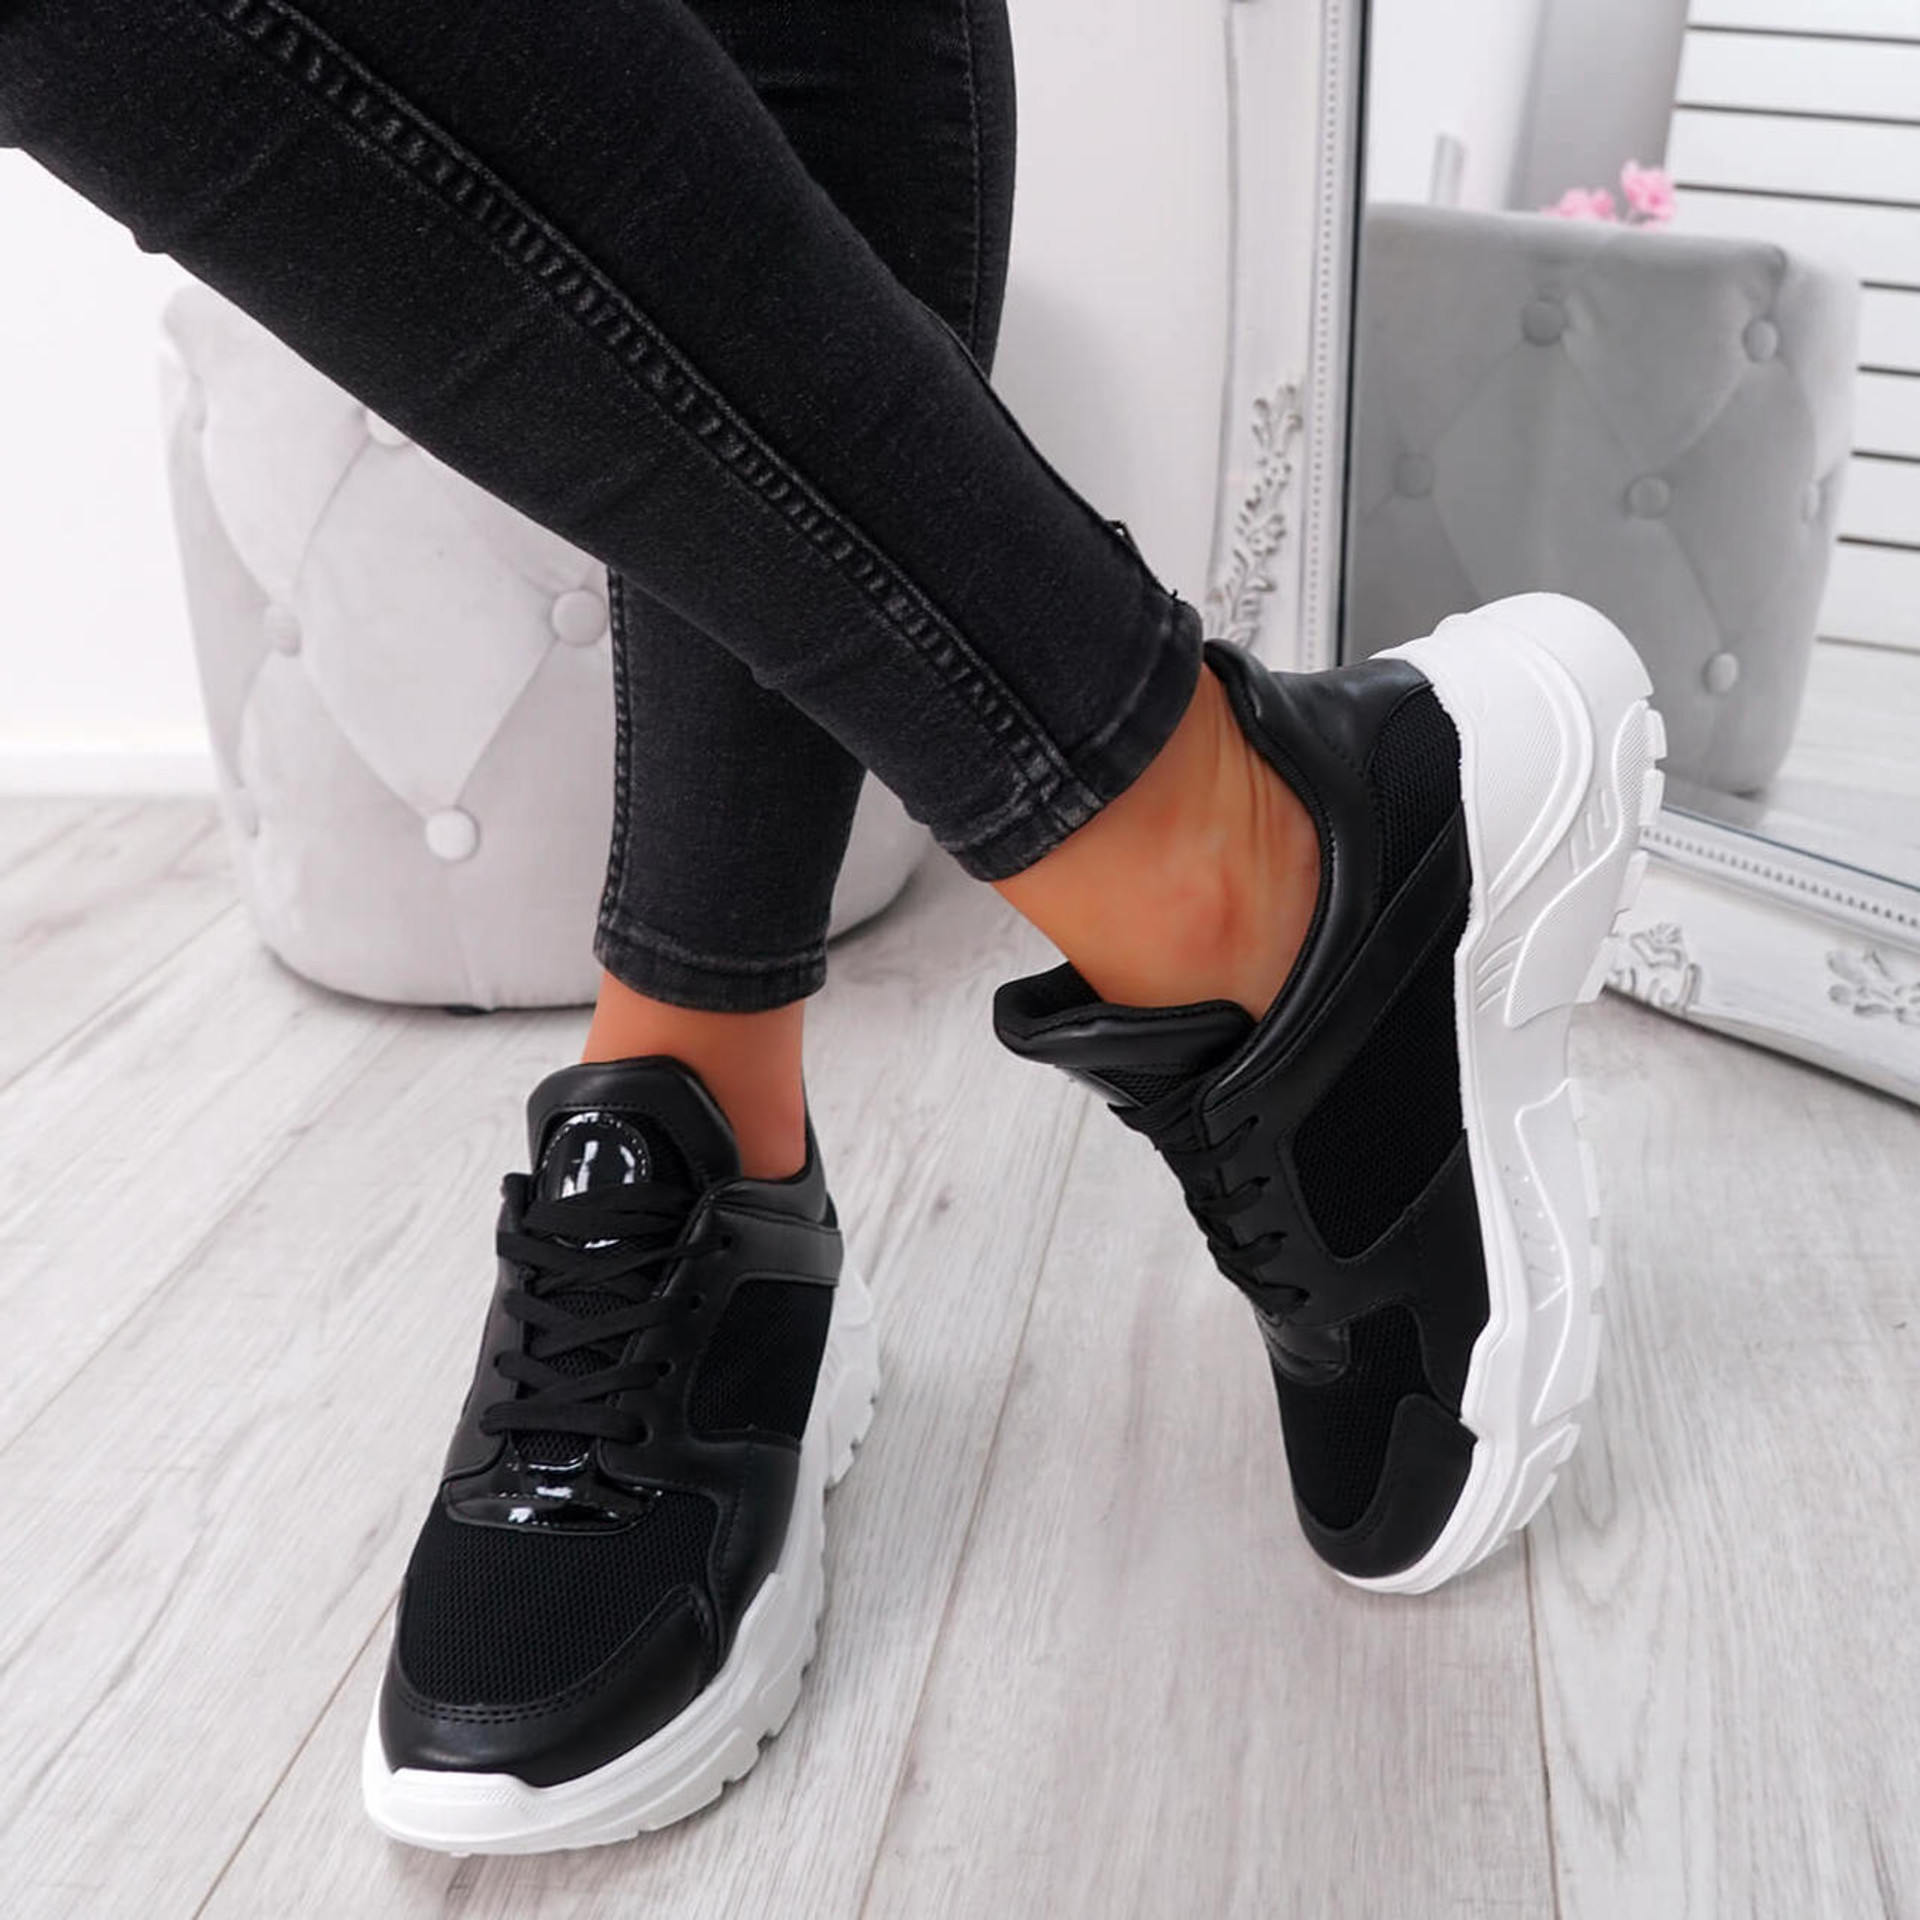 Foya Black Running Sneakers